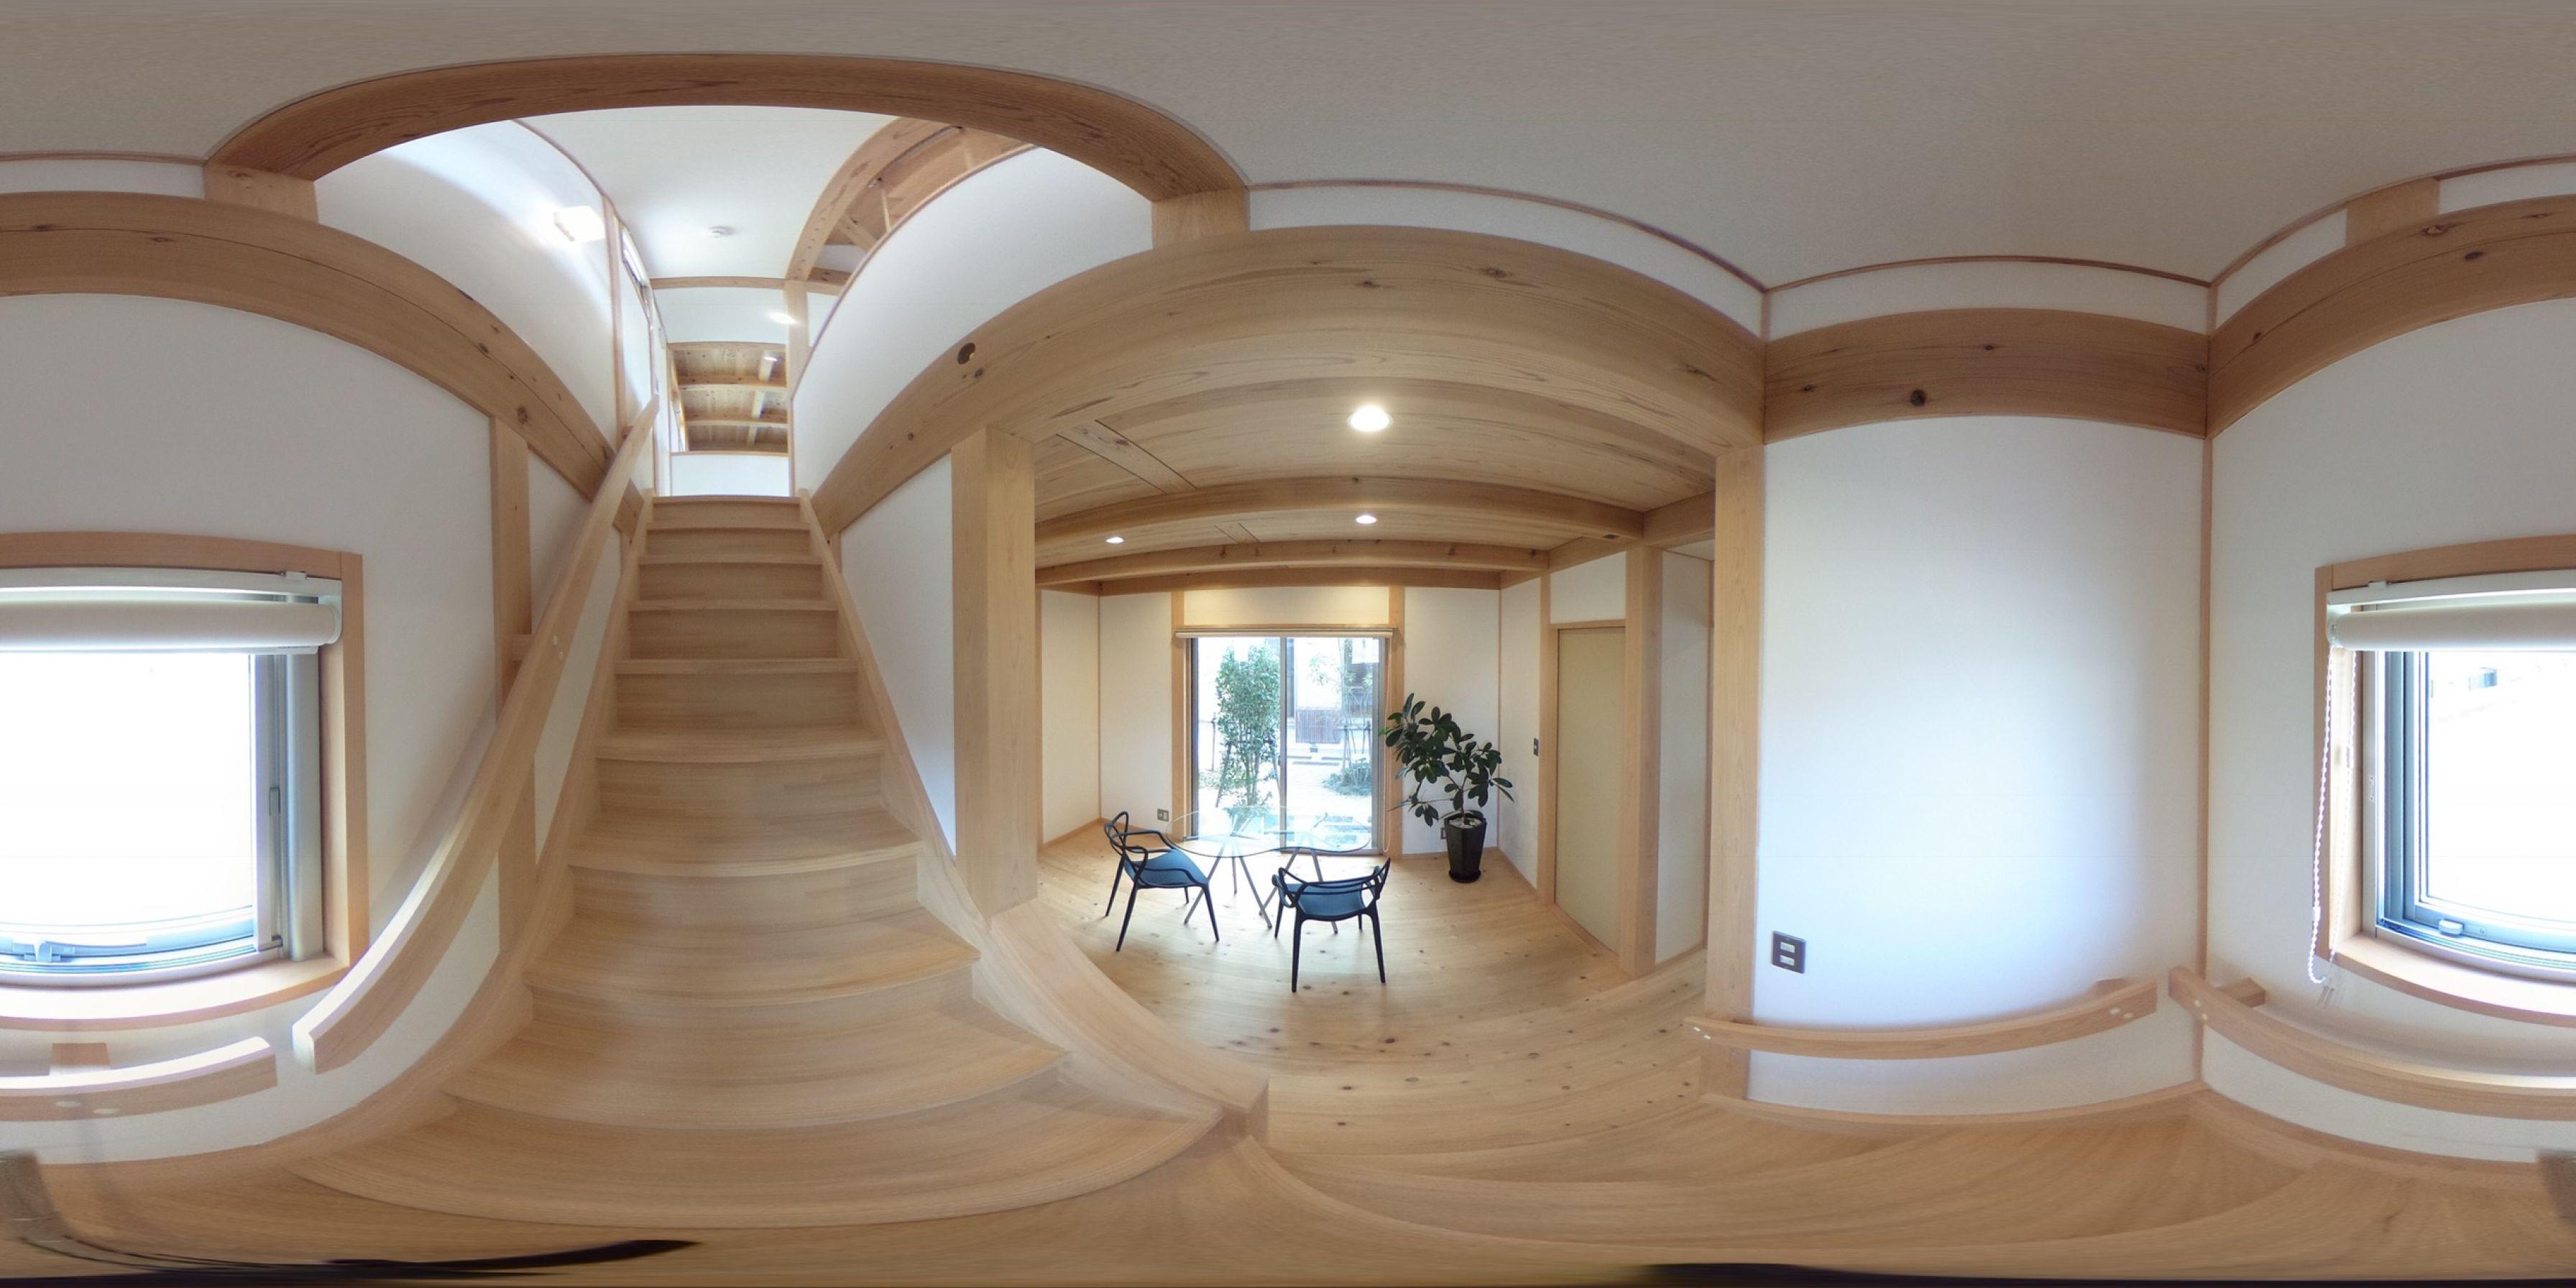 松山市和泉南1 一戸建て 3LDKパノラマ画像